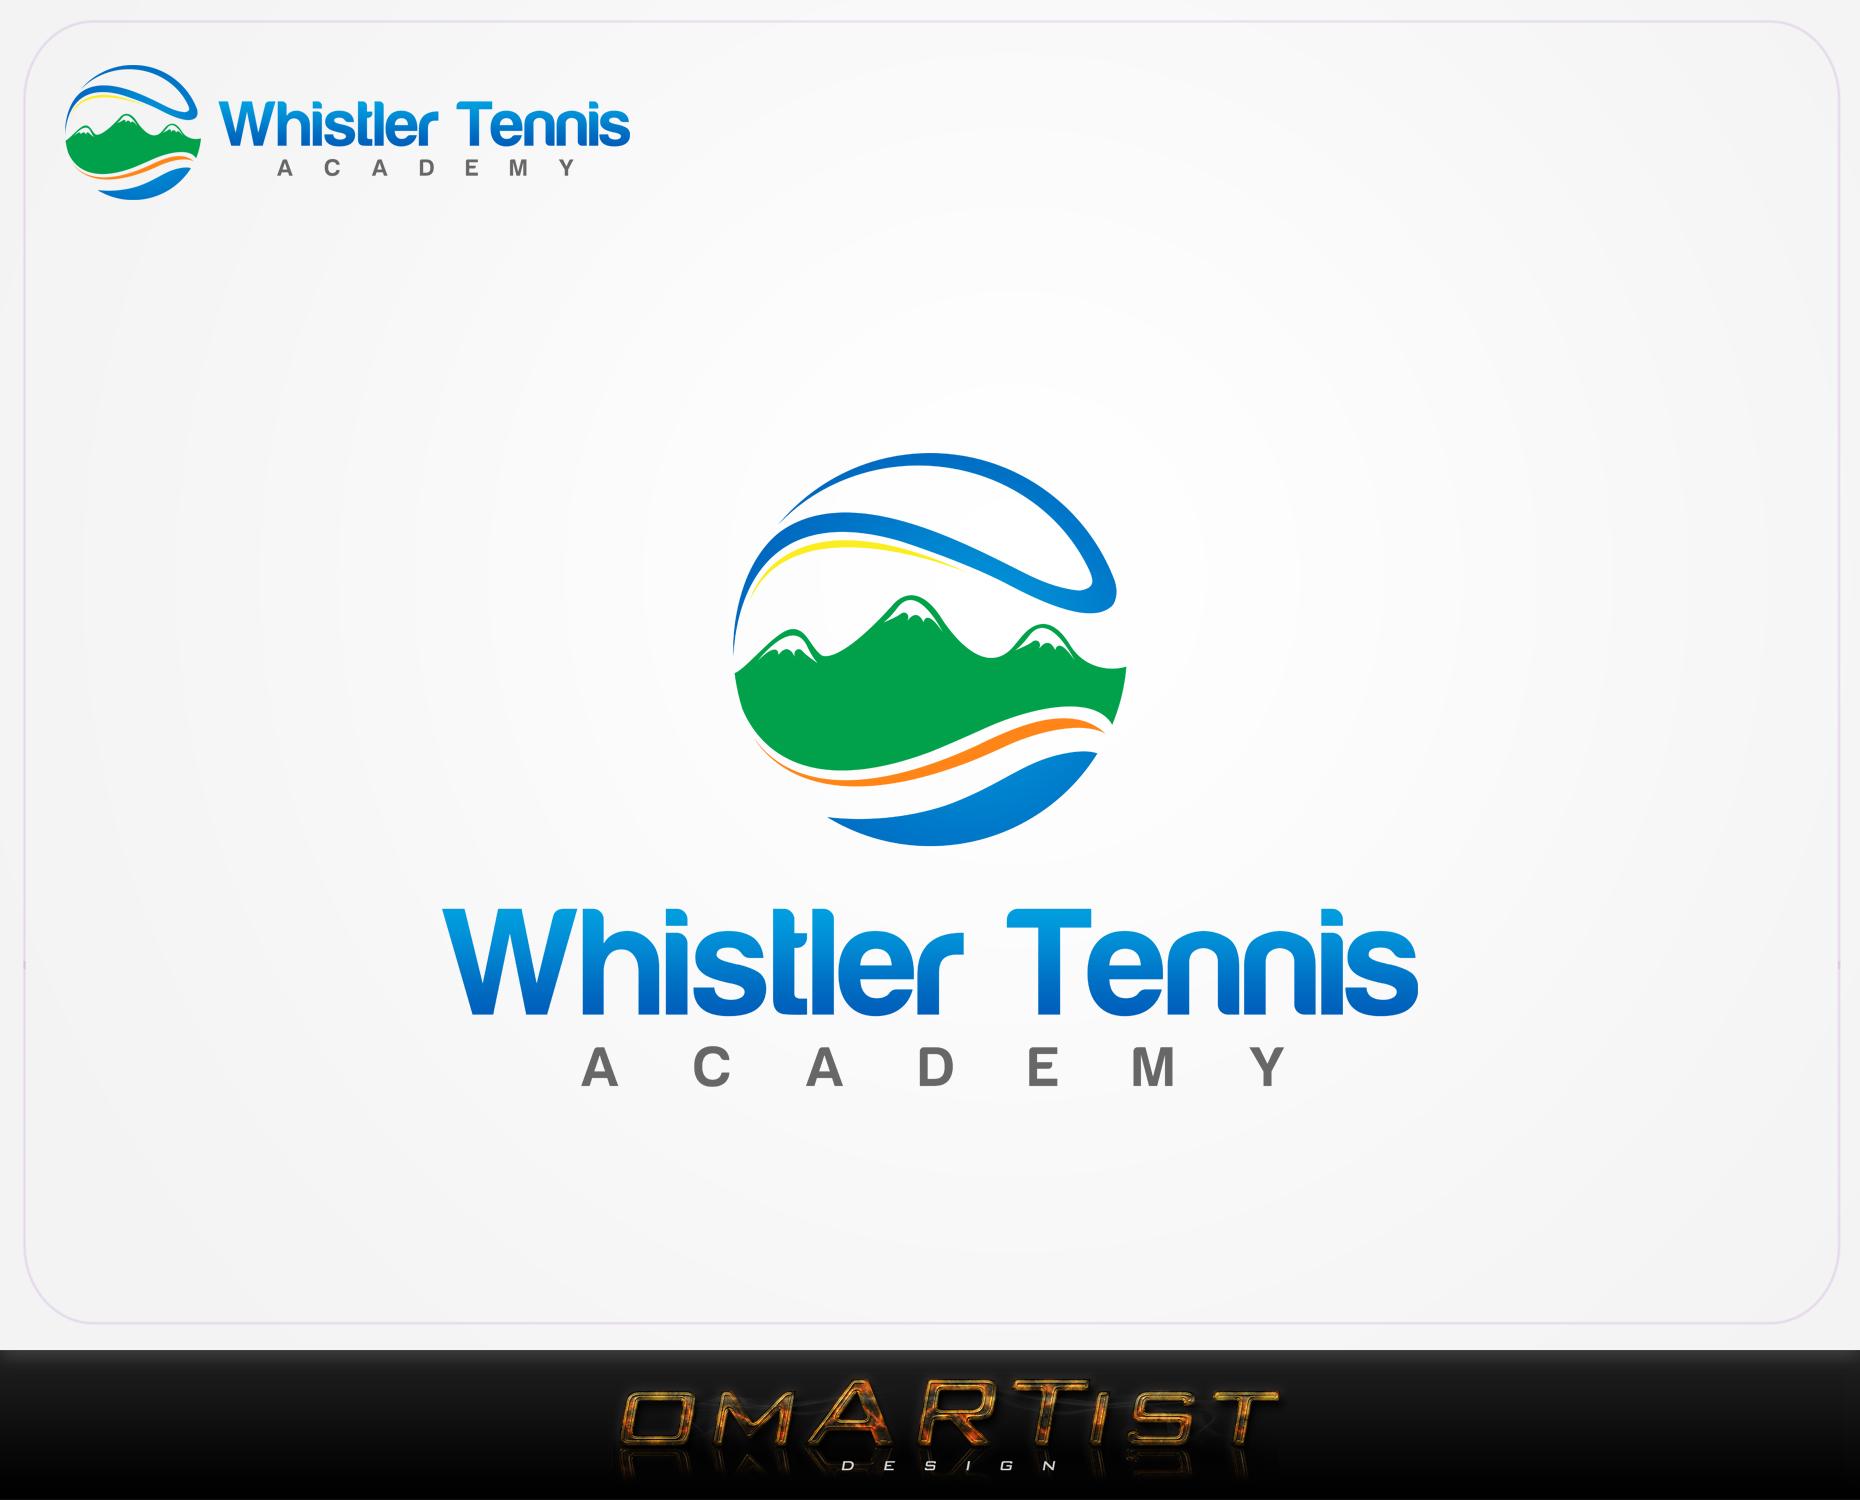 Logo Design by omARTist - Entry No. 288 in the Logo Design Contest Imaginative Logo Design for Whistler Tennis Academy.